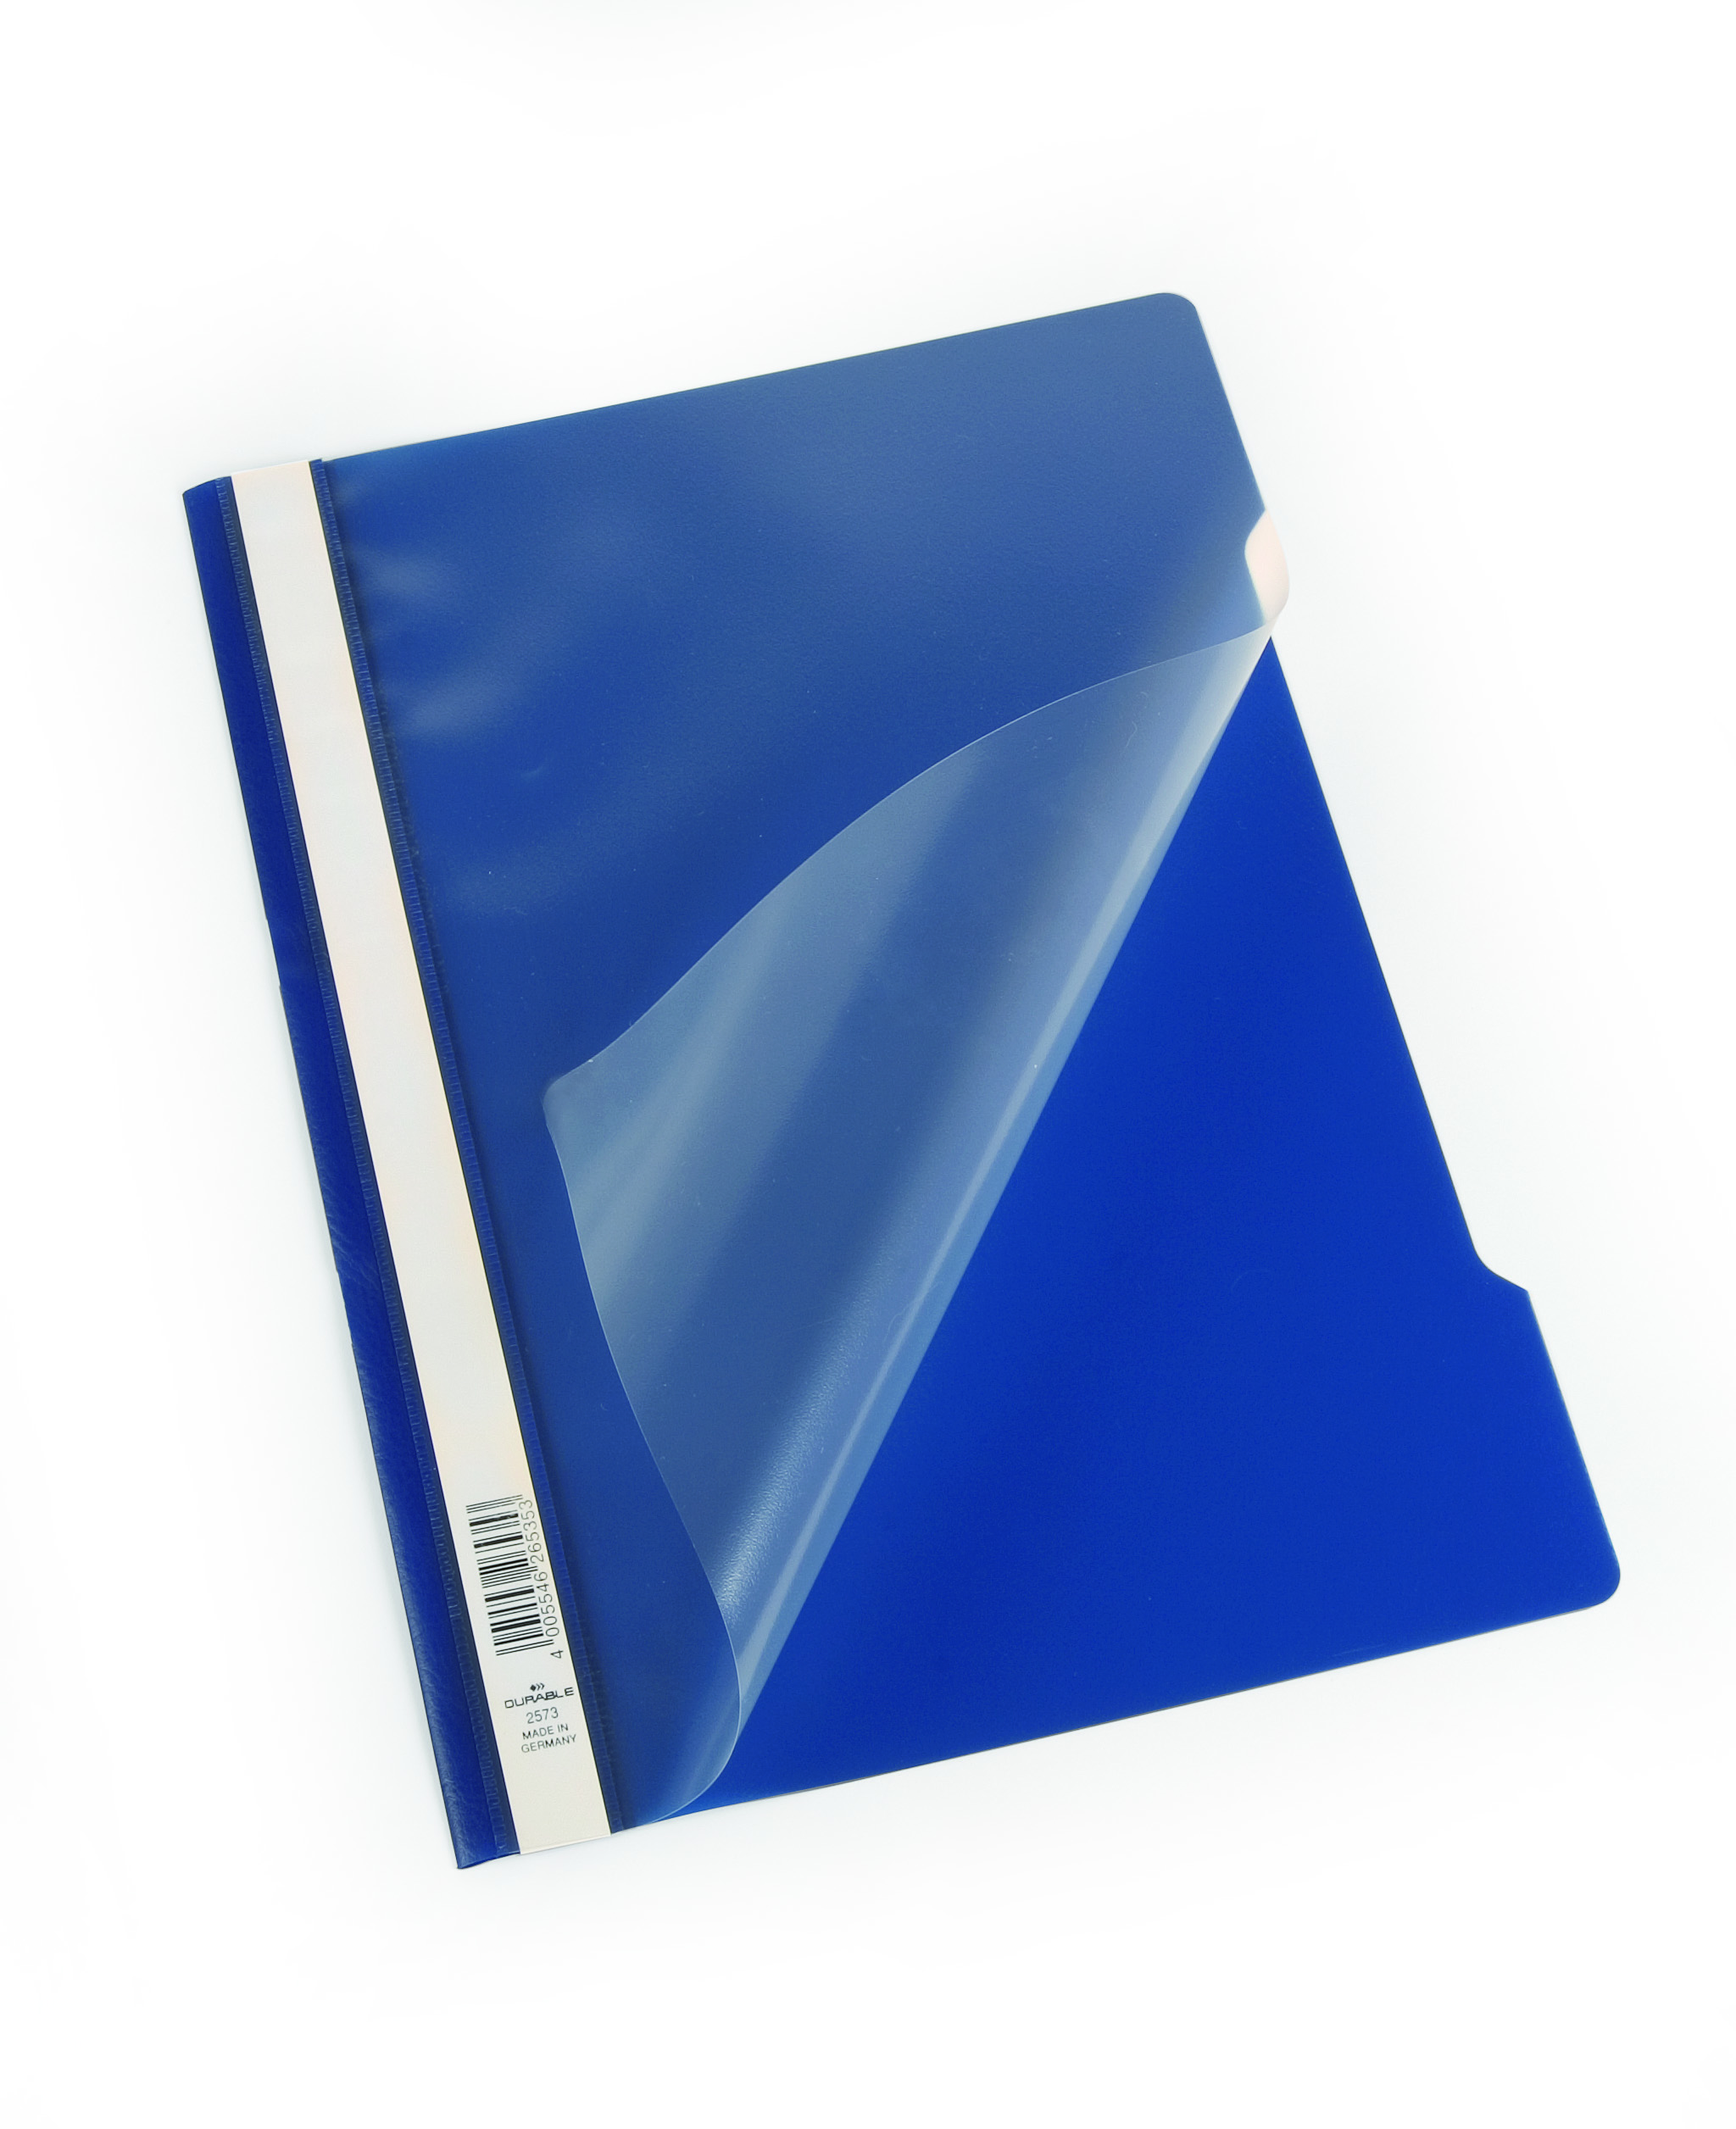 Polyprop ClearView Folder A4 DarkBL PK50